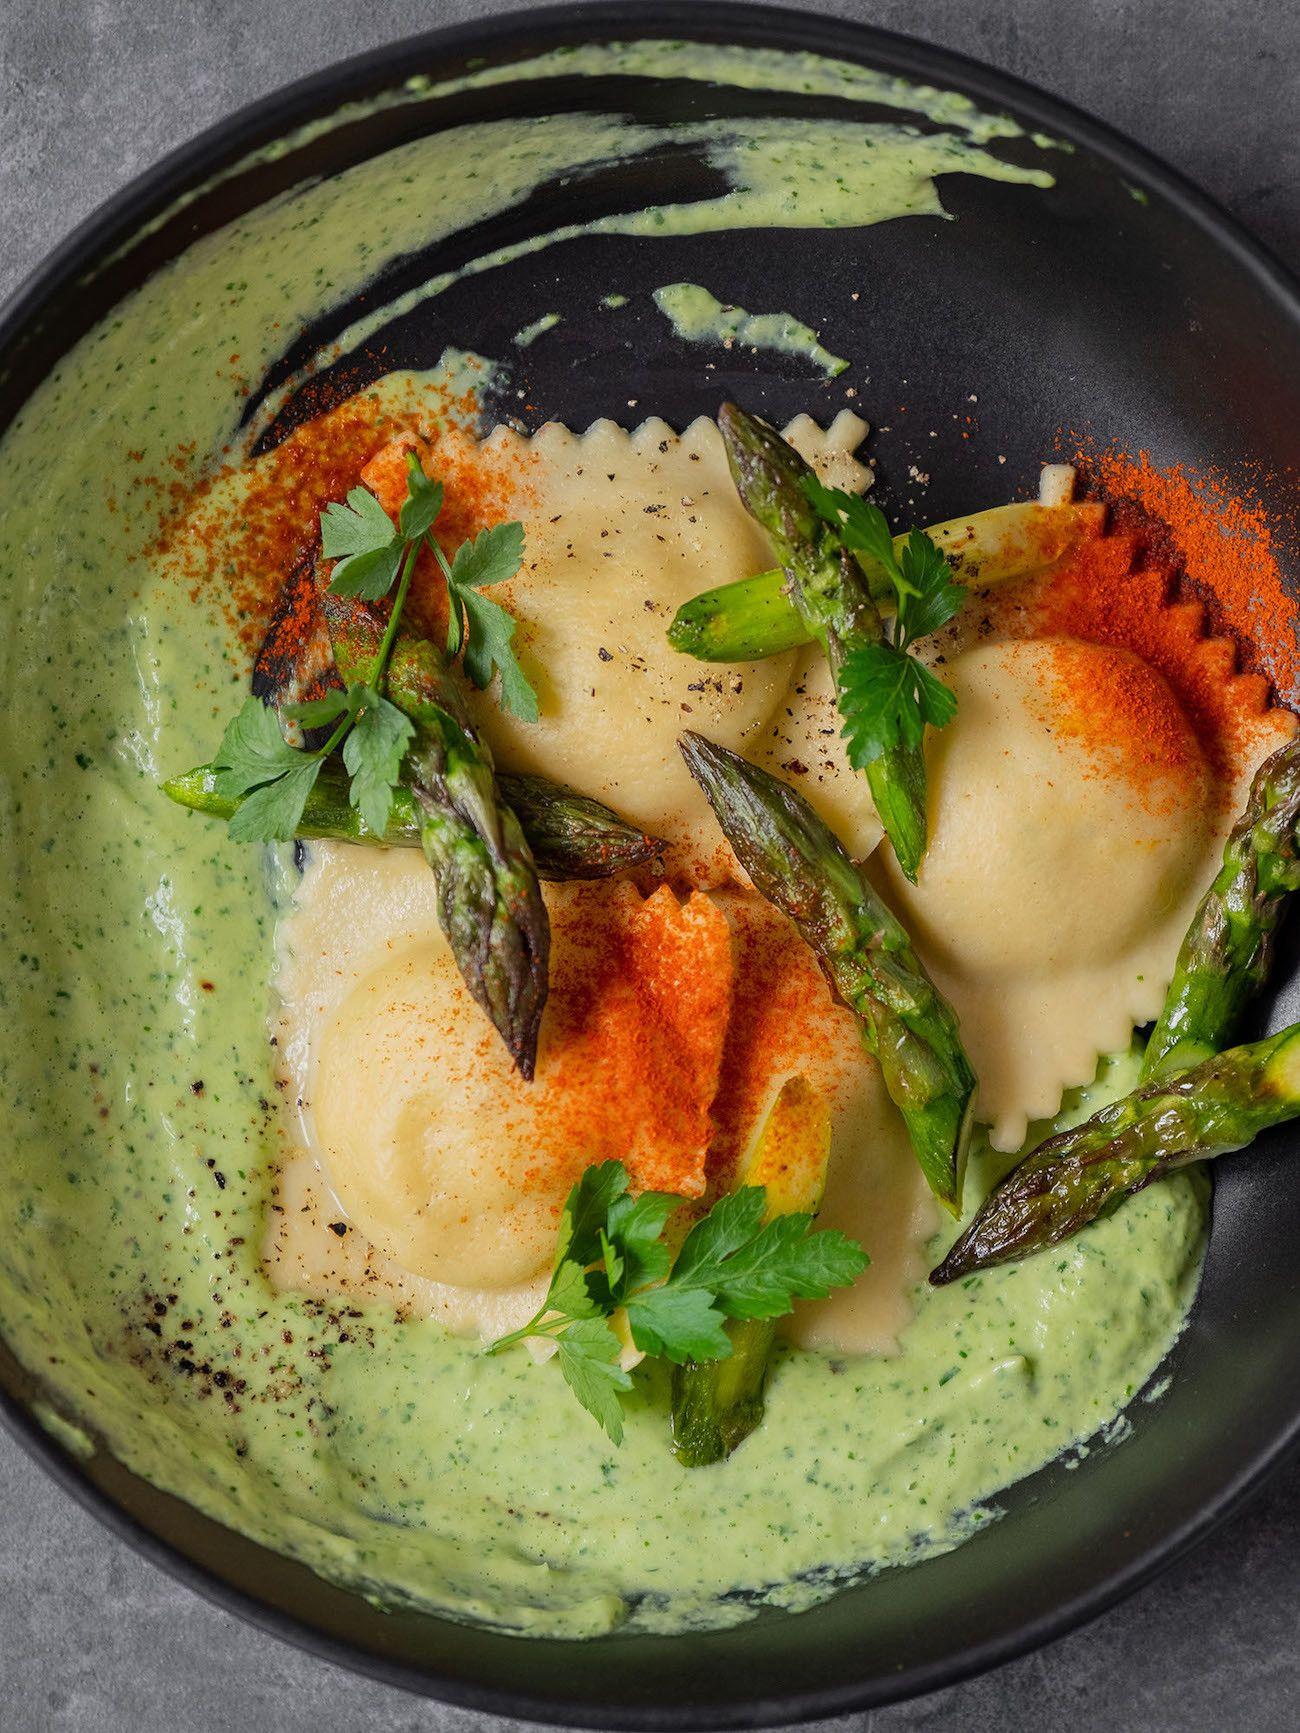 Foodblog, About Fuel, Rezept, Lachsravioli auf Spargel-Kräuter-Mayonnaise und Spargelspitzen, Pasta, Teller, Paprikapulver, Petersilie